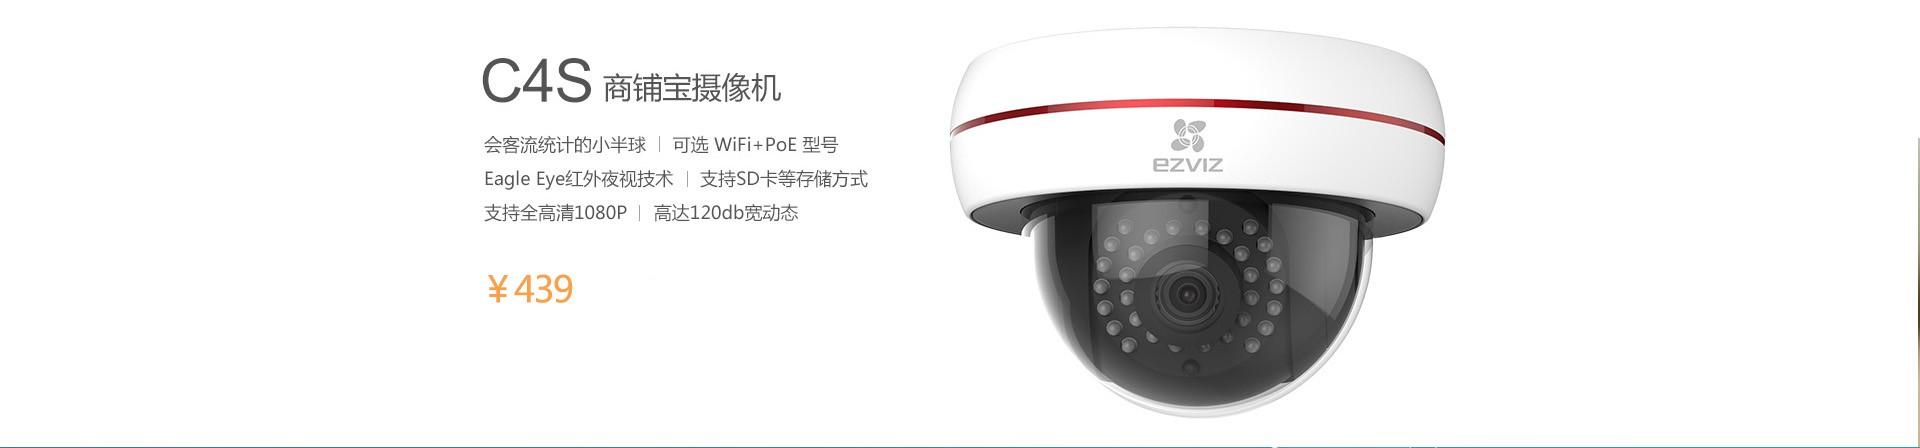 C4S商品详情页(web).jpg